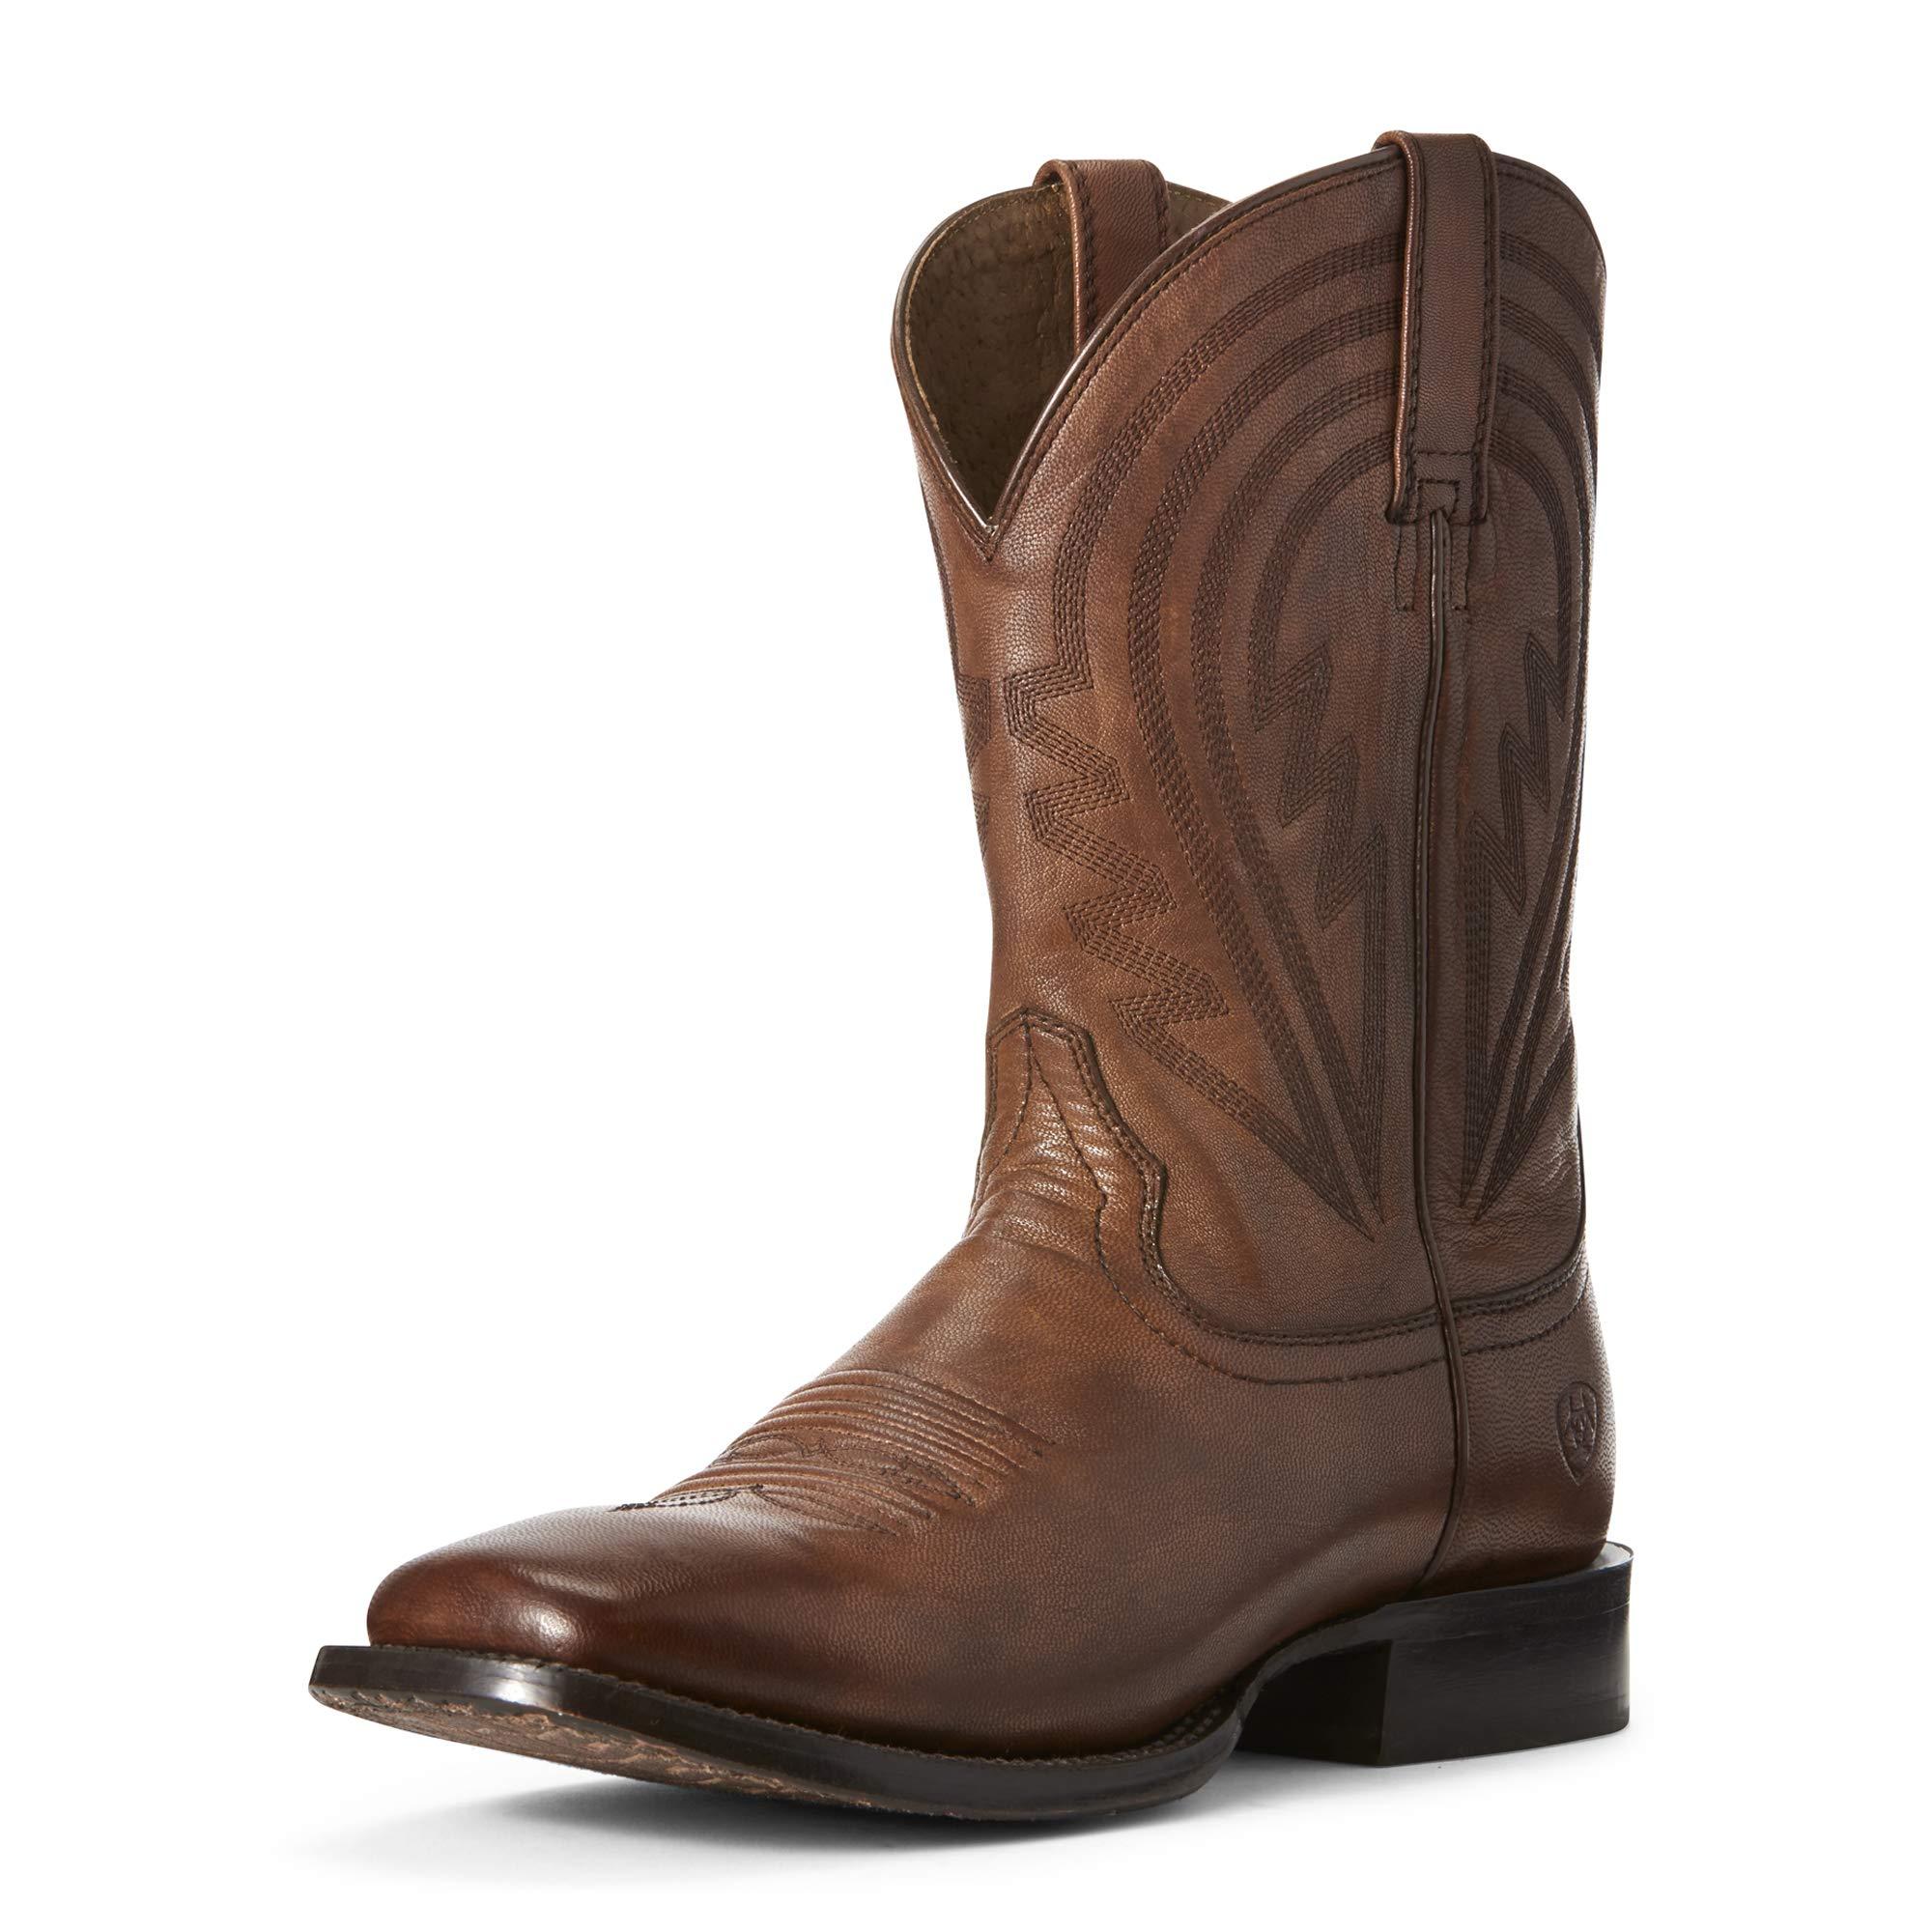 Ariat Men's Circuit Herd Boss Western Boot, Naturally Cognac, 11EE by ARIAT